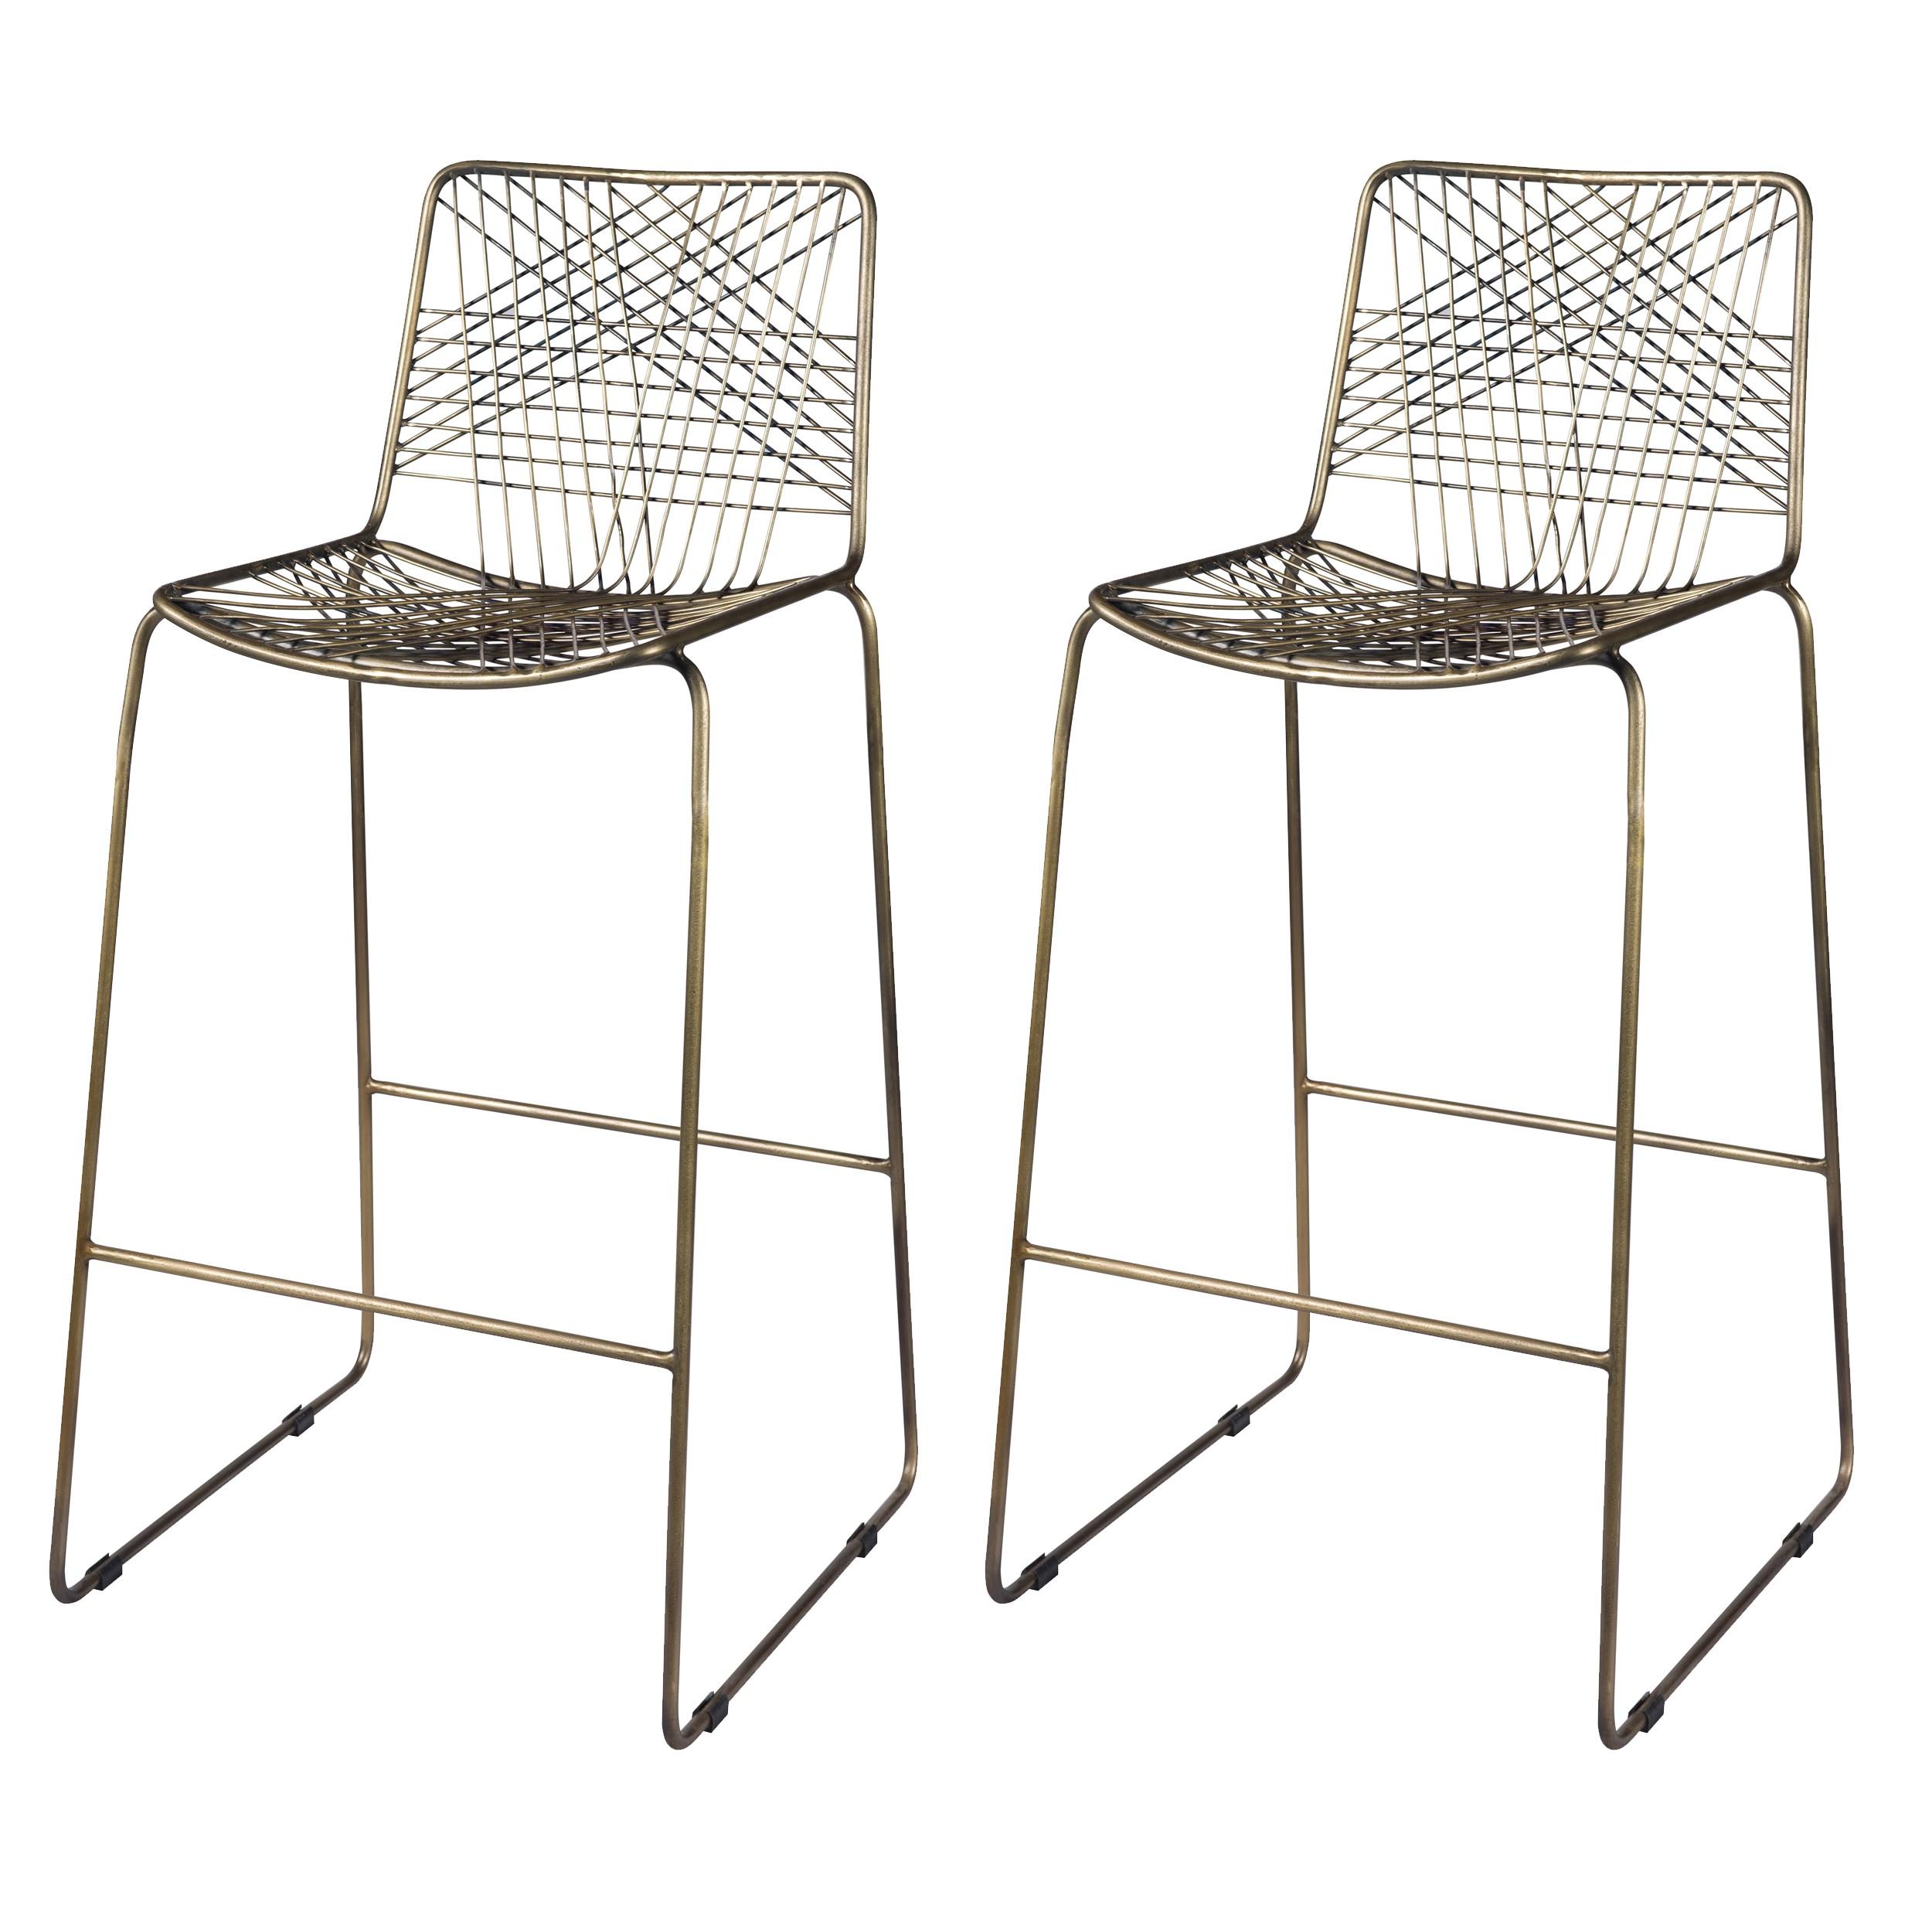 acheter chaise de bar lot de 2 metal